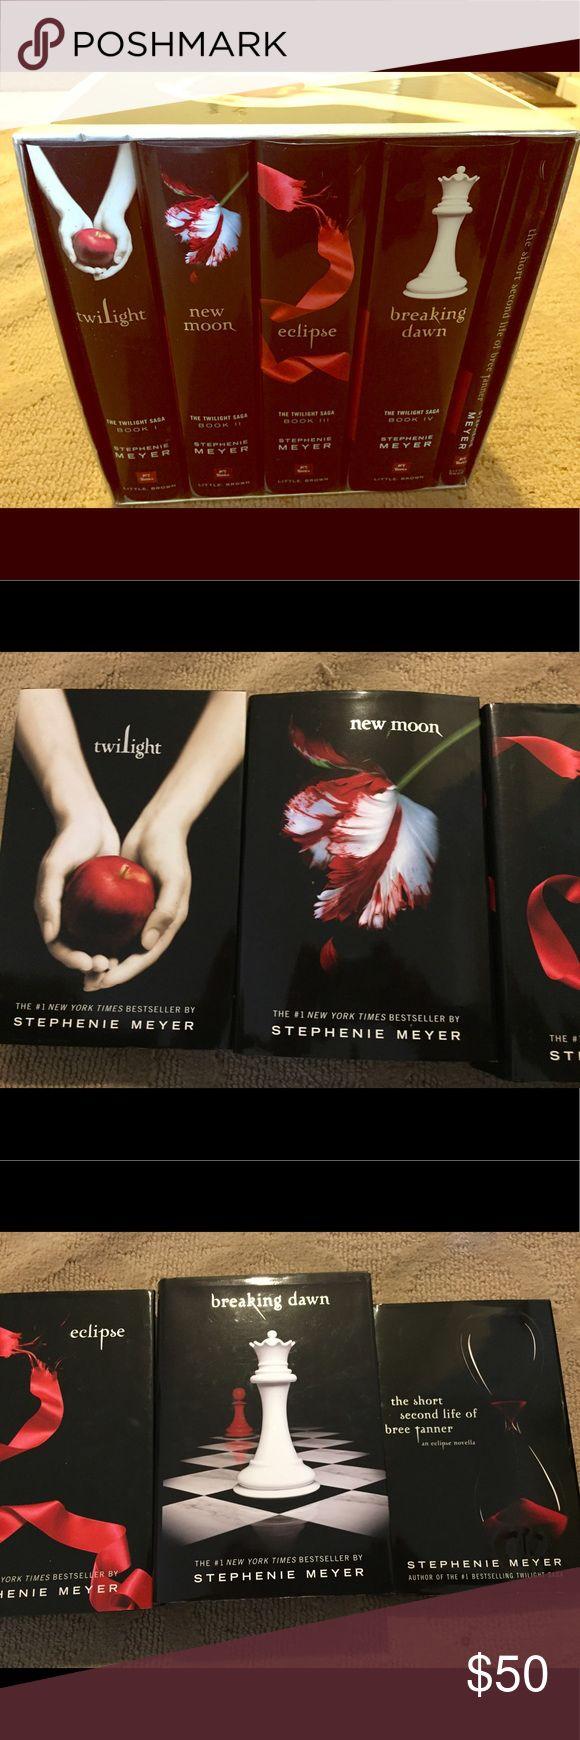 The Twilight Saga Hardcover 5 Books Limited Ed